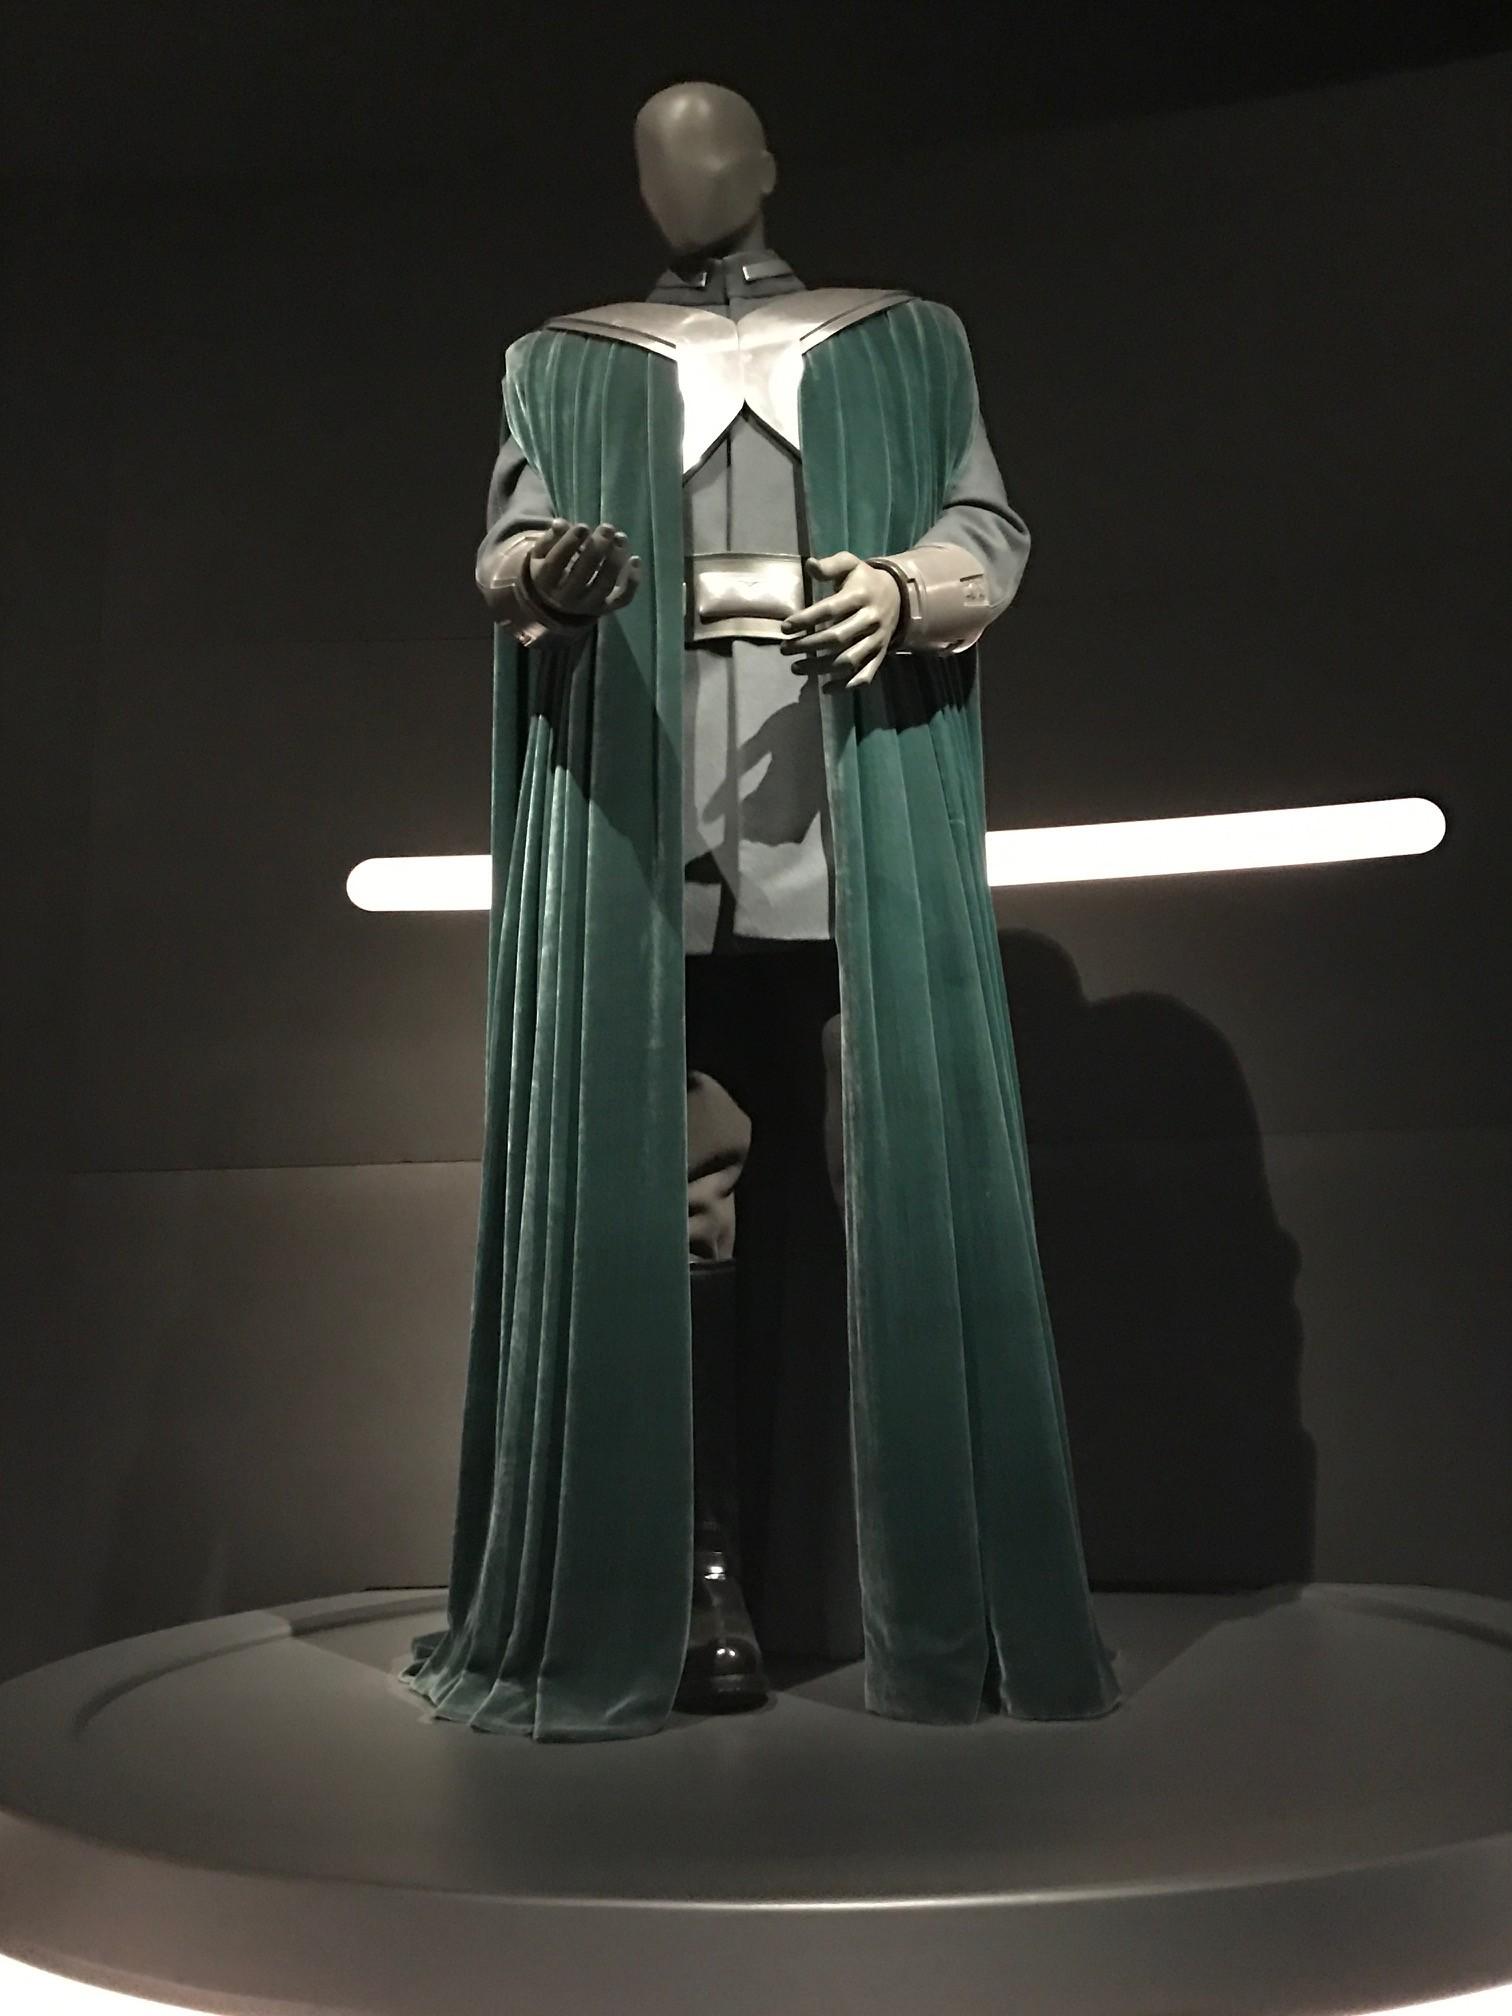 Full Senator Bail Organa costume